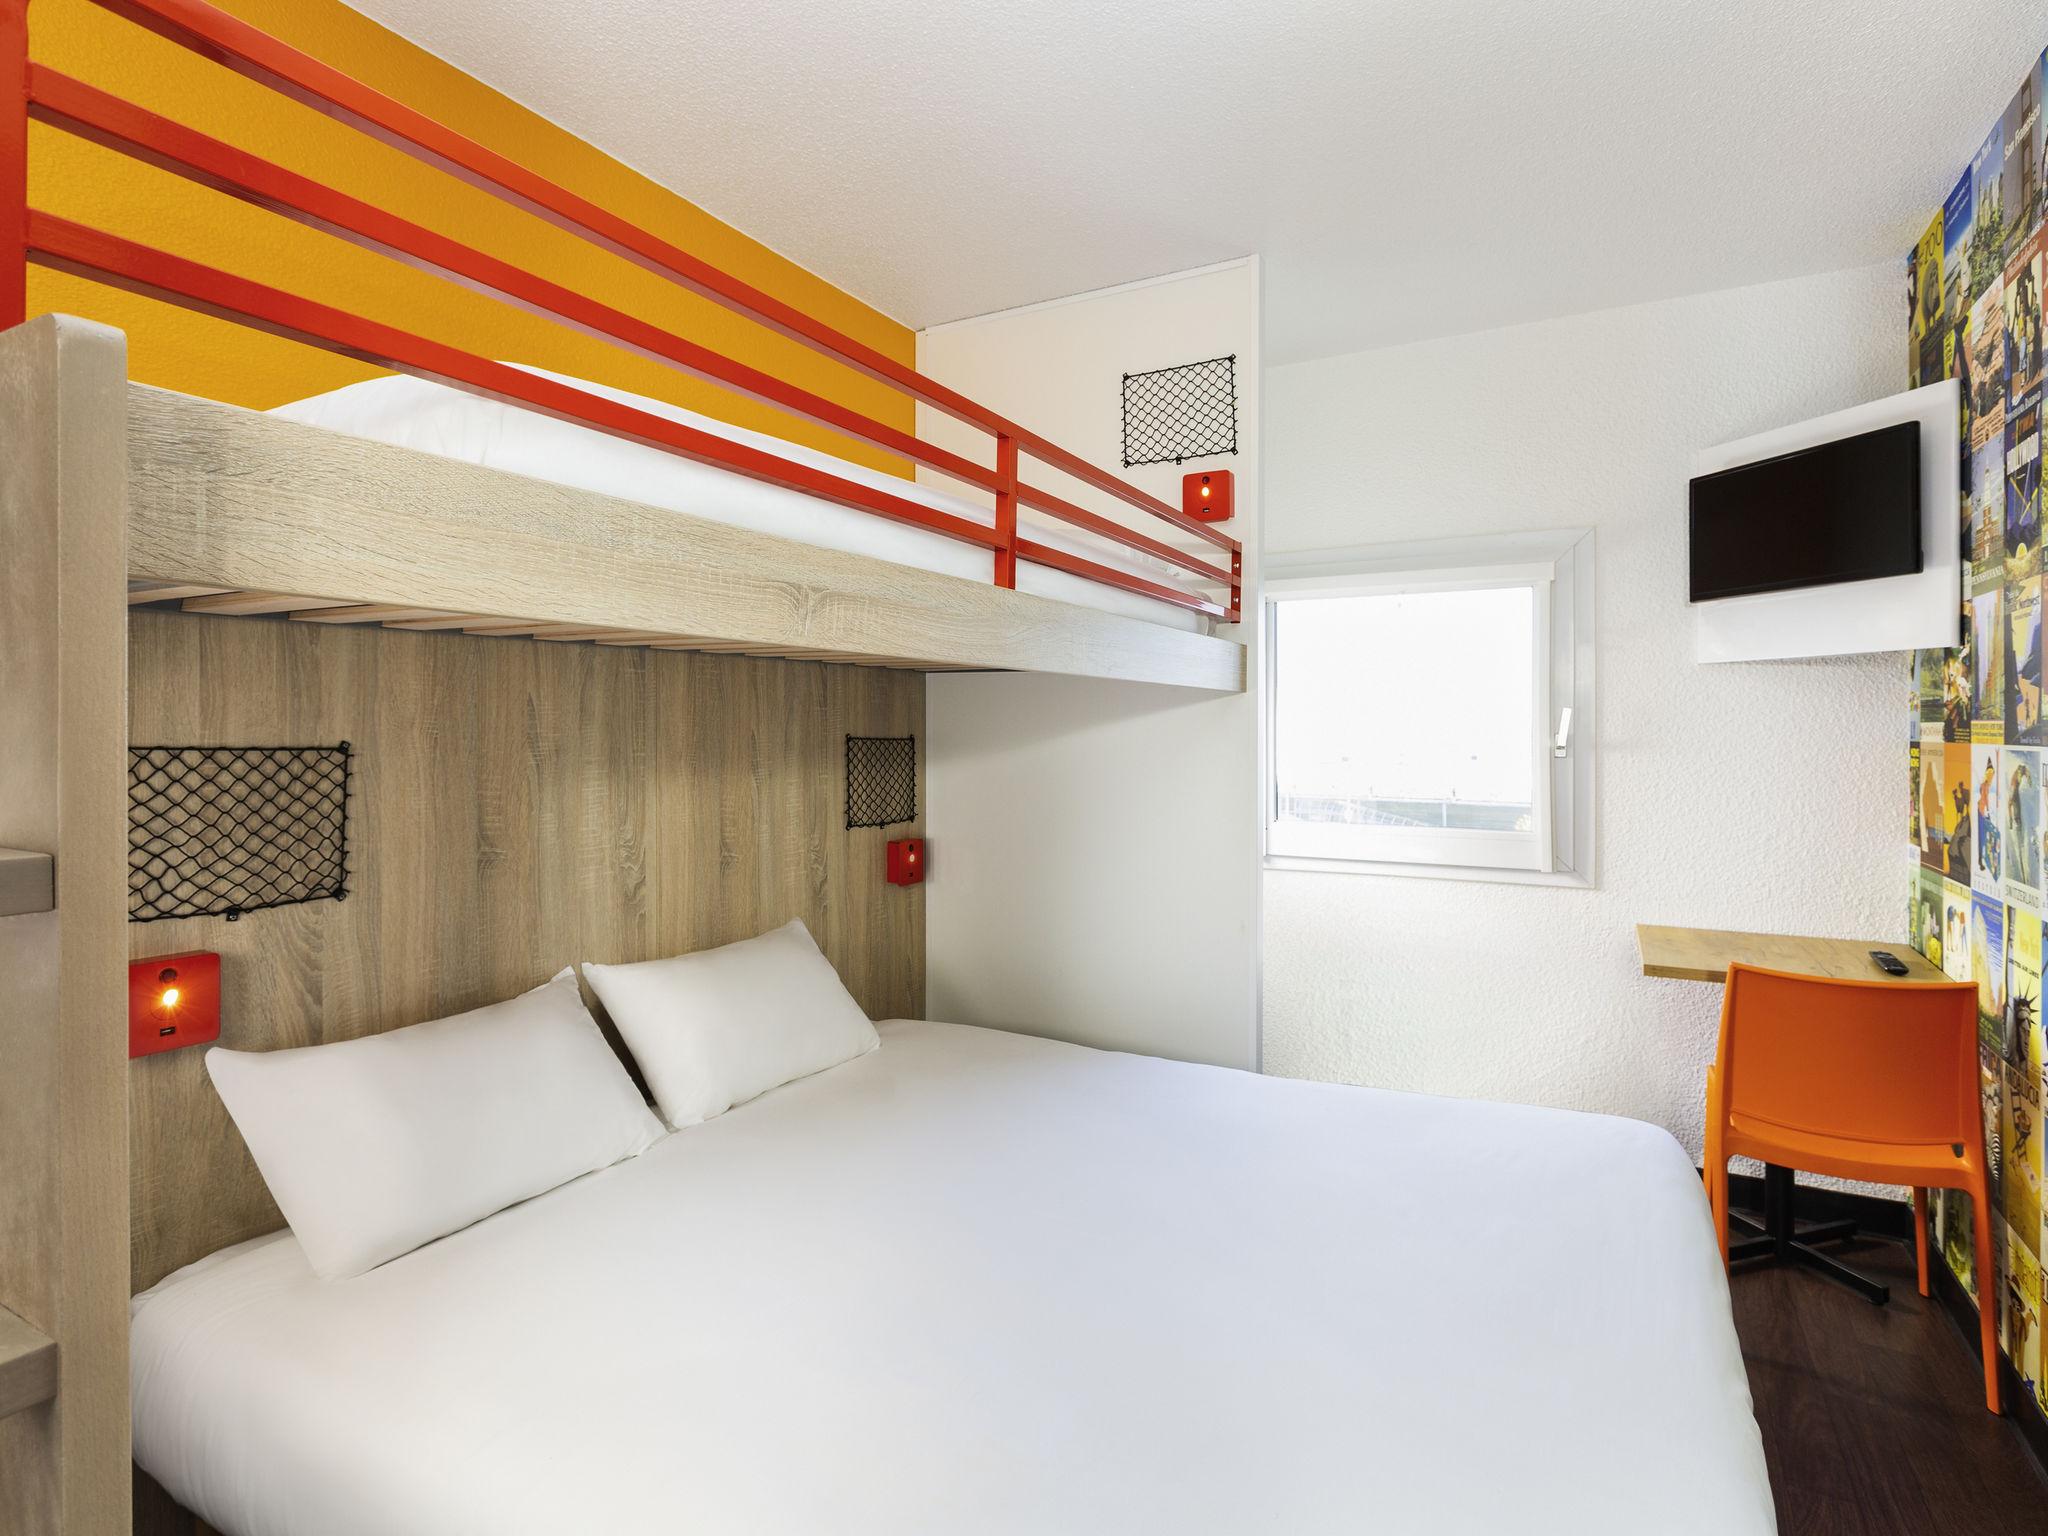 Hotel - hotelF1 Fréjus Roquebrune sur Argens